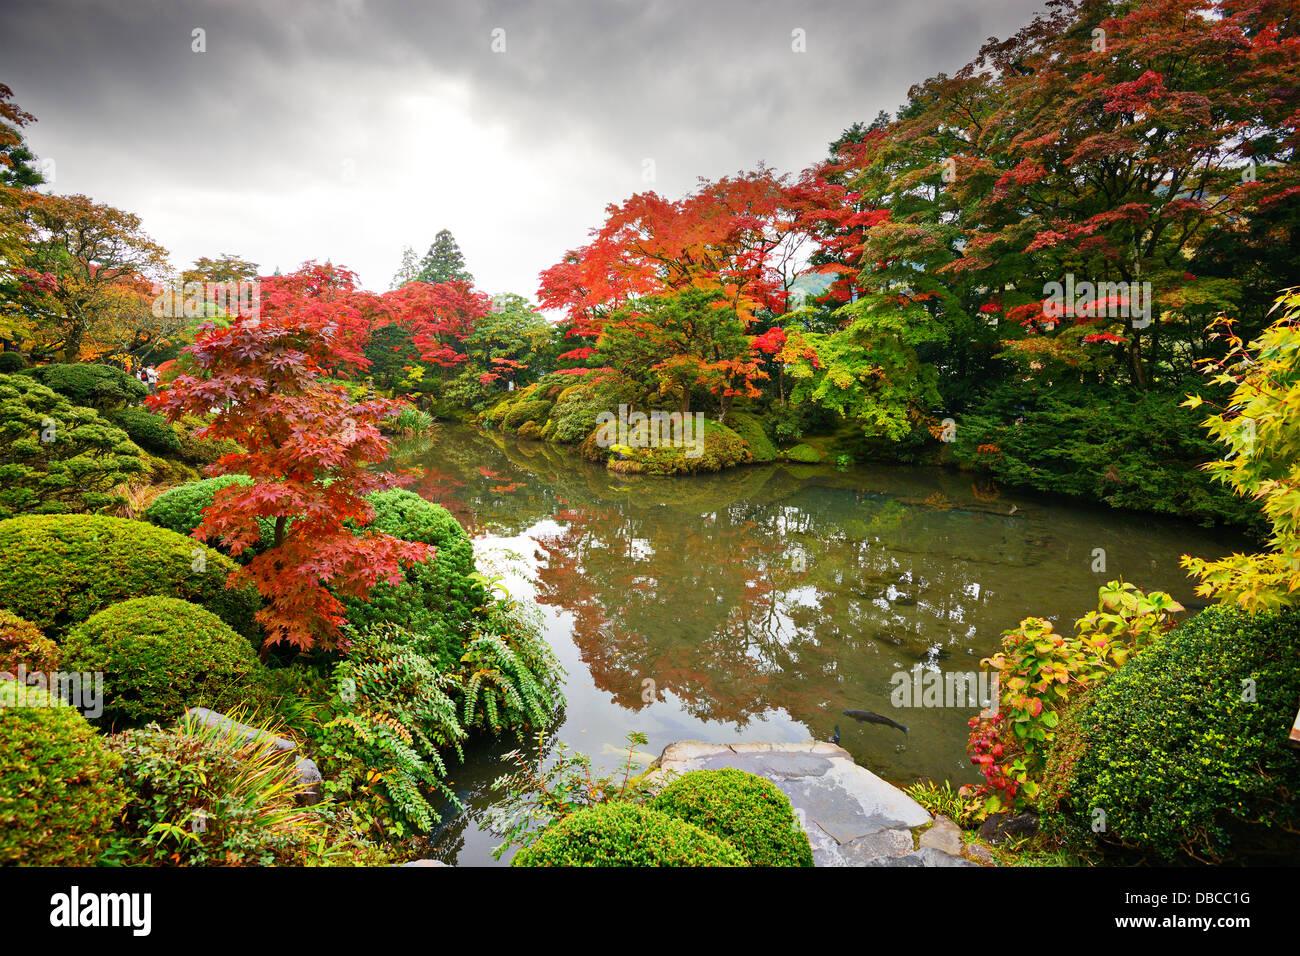 Autumn foliage in Nikko, Japan. - Stock Image